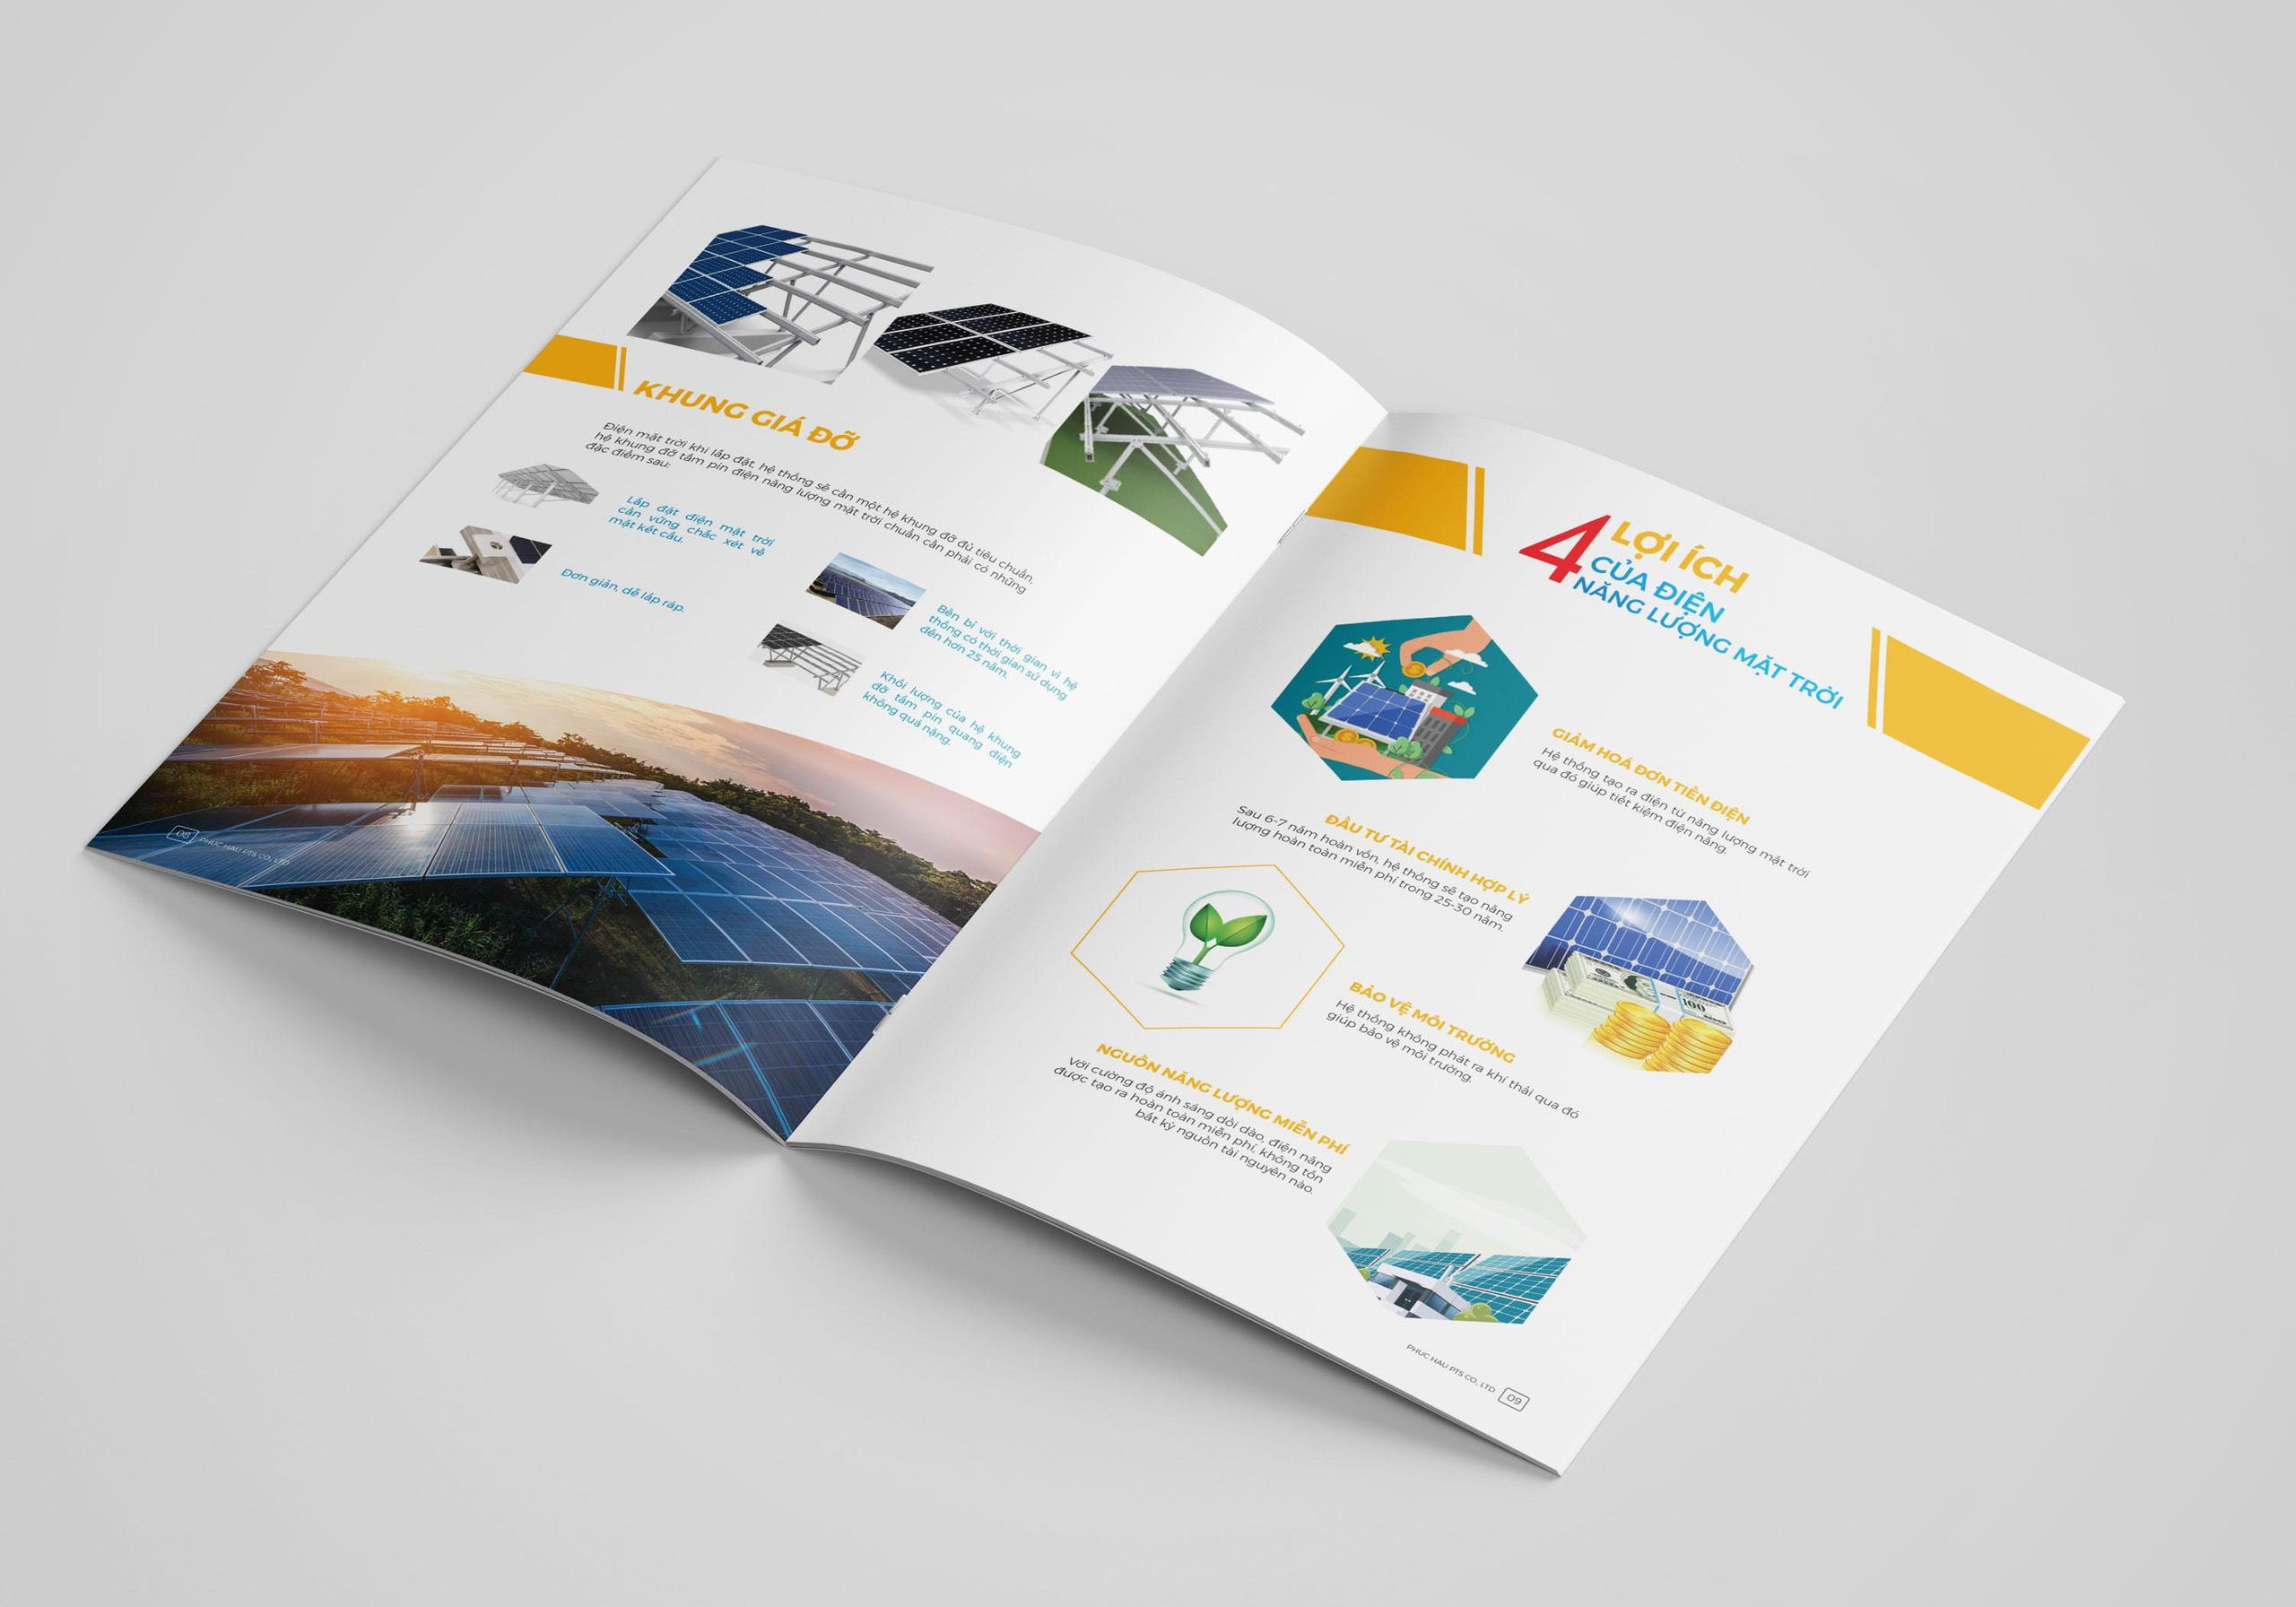 thiết kế catalogue điện mặt trời 2